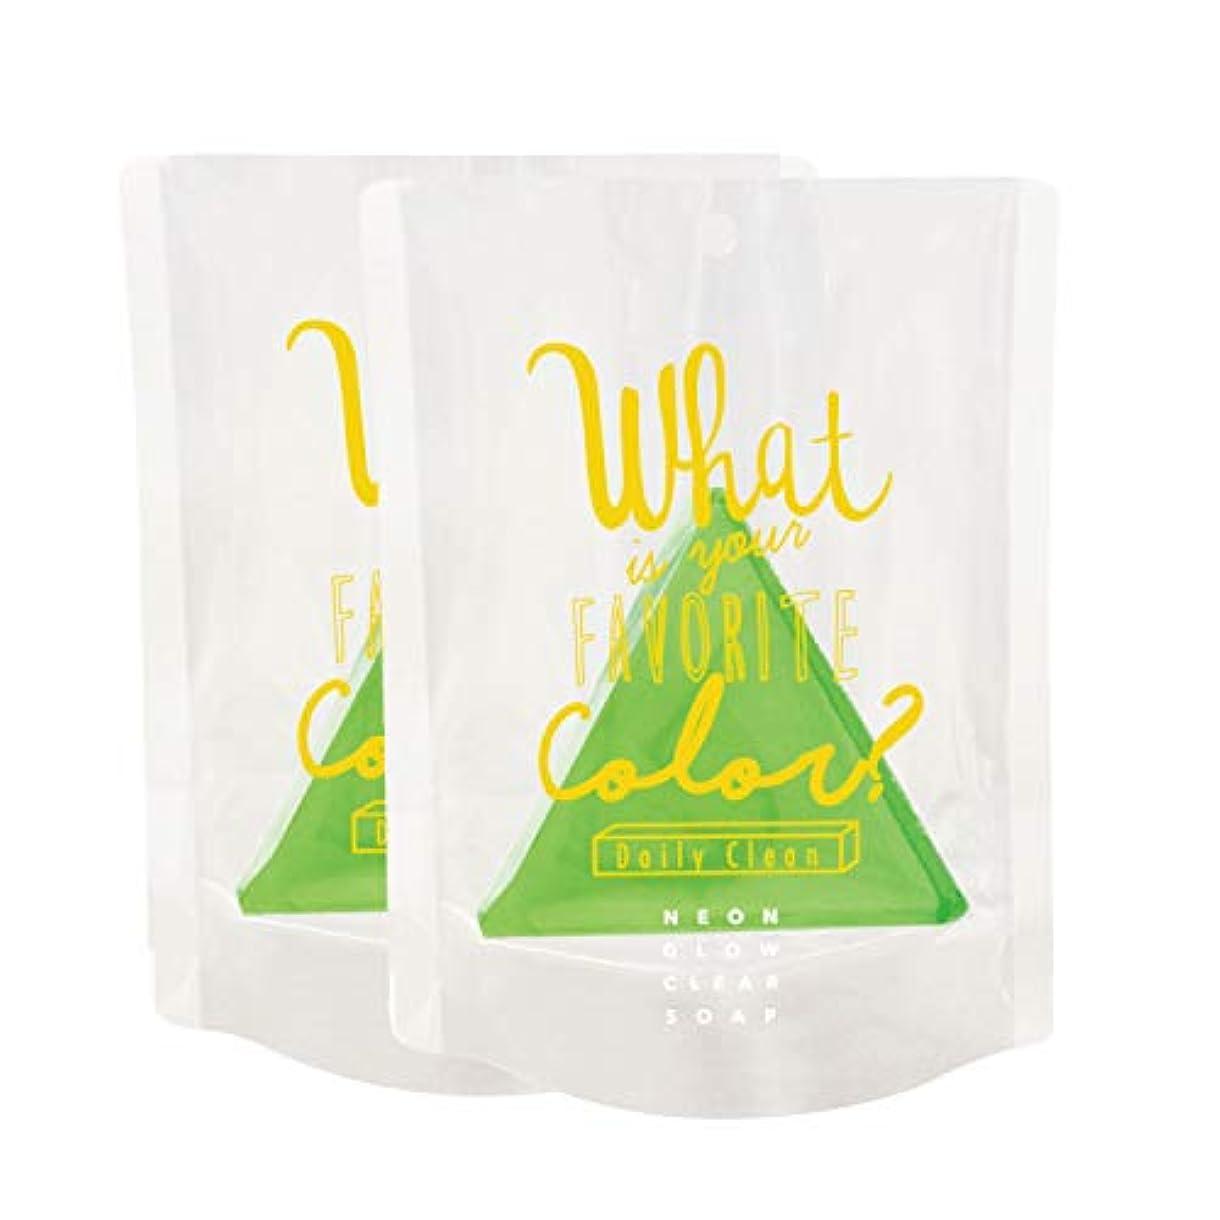 オーバードロー酔う発行するノルコーポレーション 石けん ネオングロー クリアソープ 2個セット ライトグリーンの香り OB-NGW-2-3